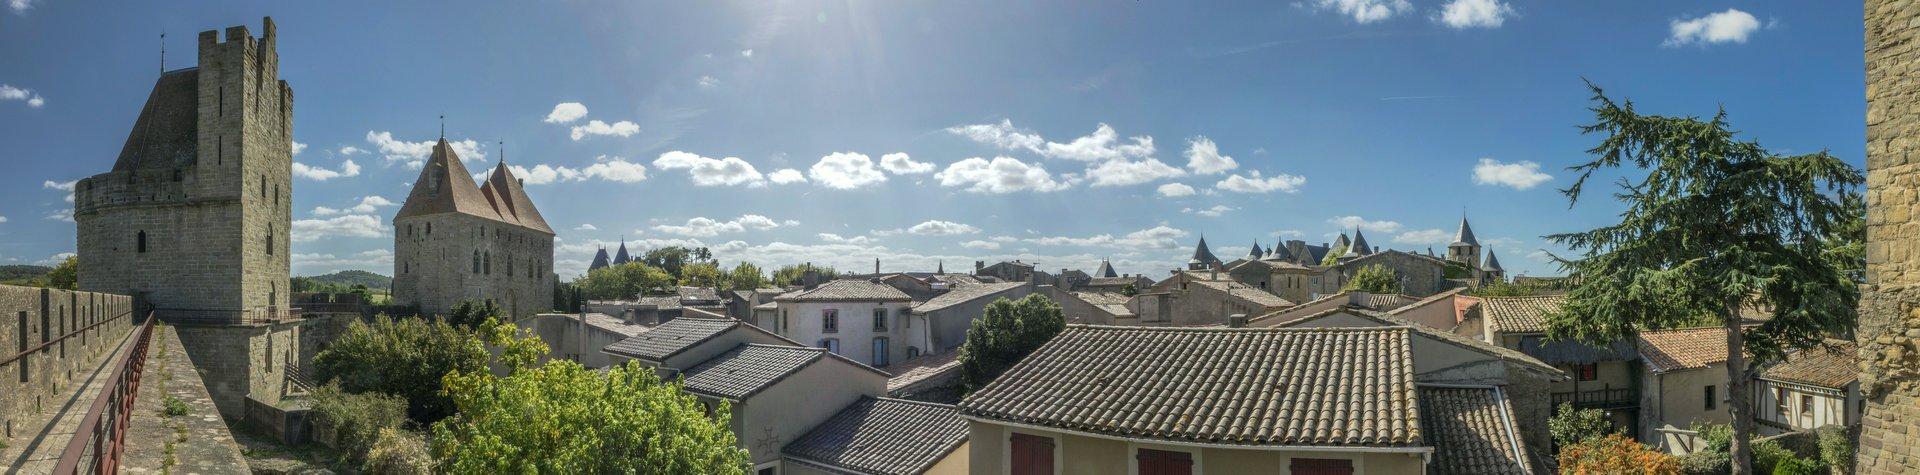 Panorama von der nordöstlichen inneren Stadtmauer auf die Cité Carcassonne